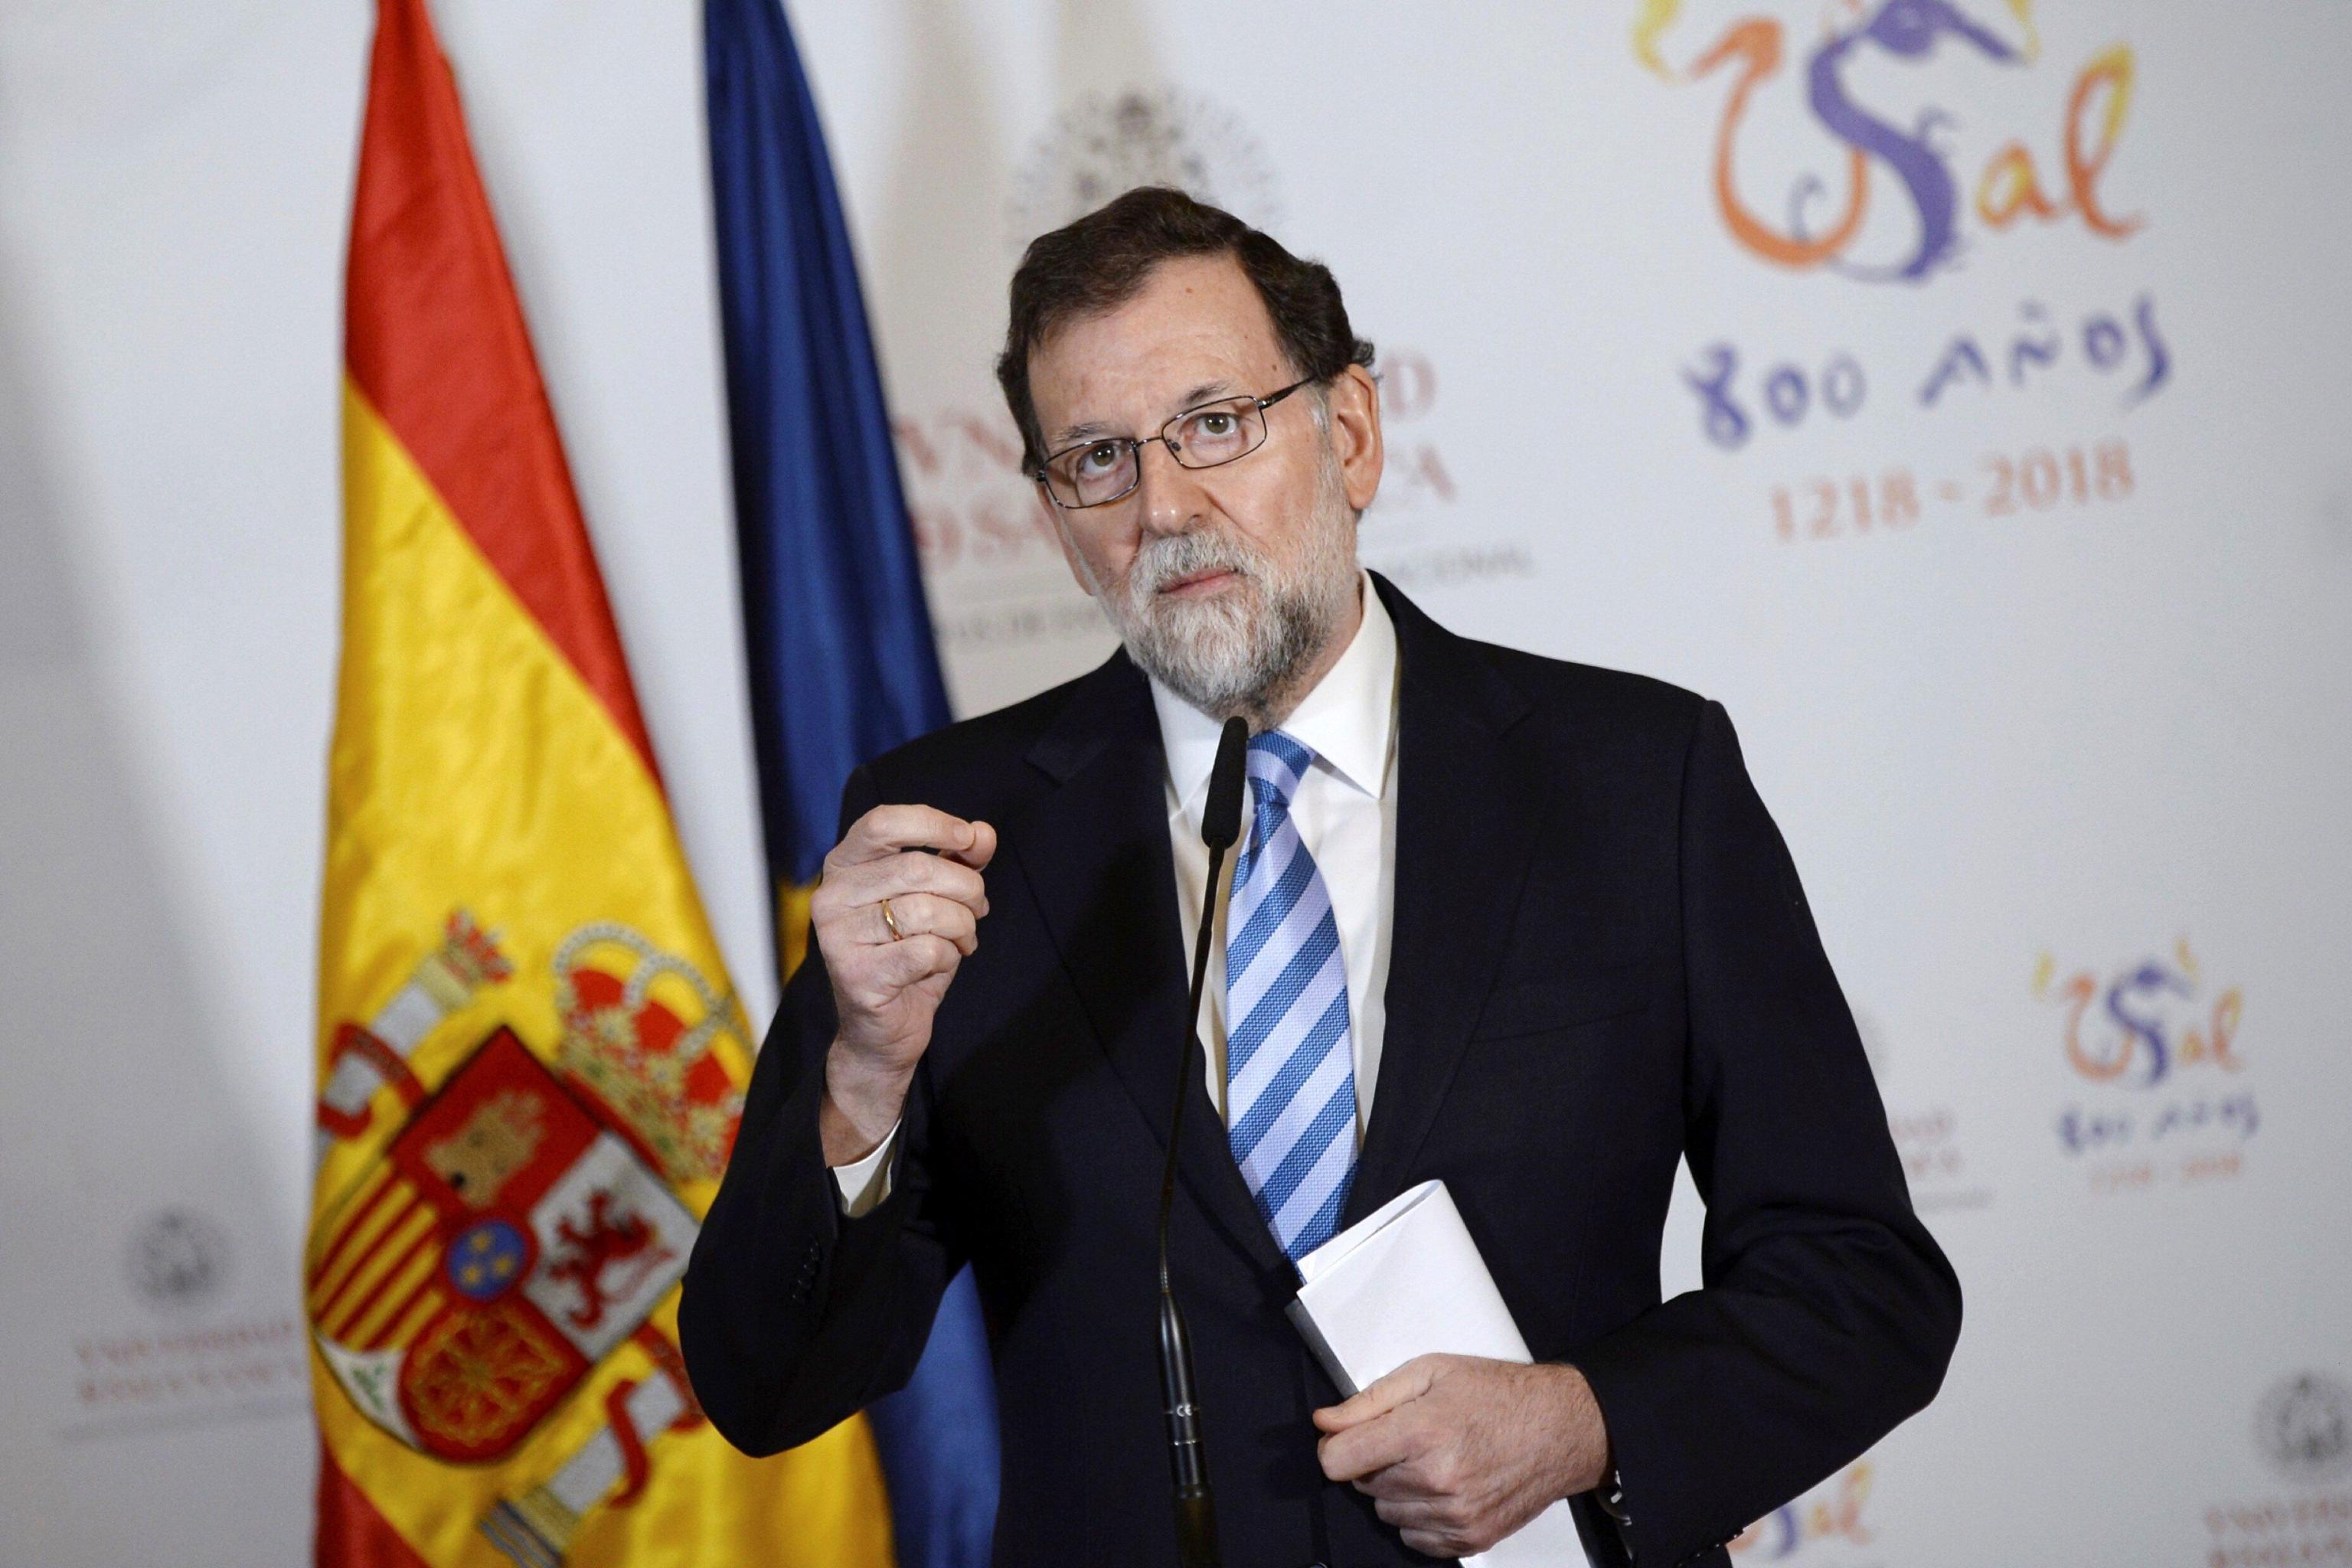 Spagna: Pp di Rajoy a processo